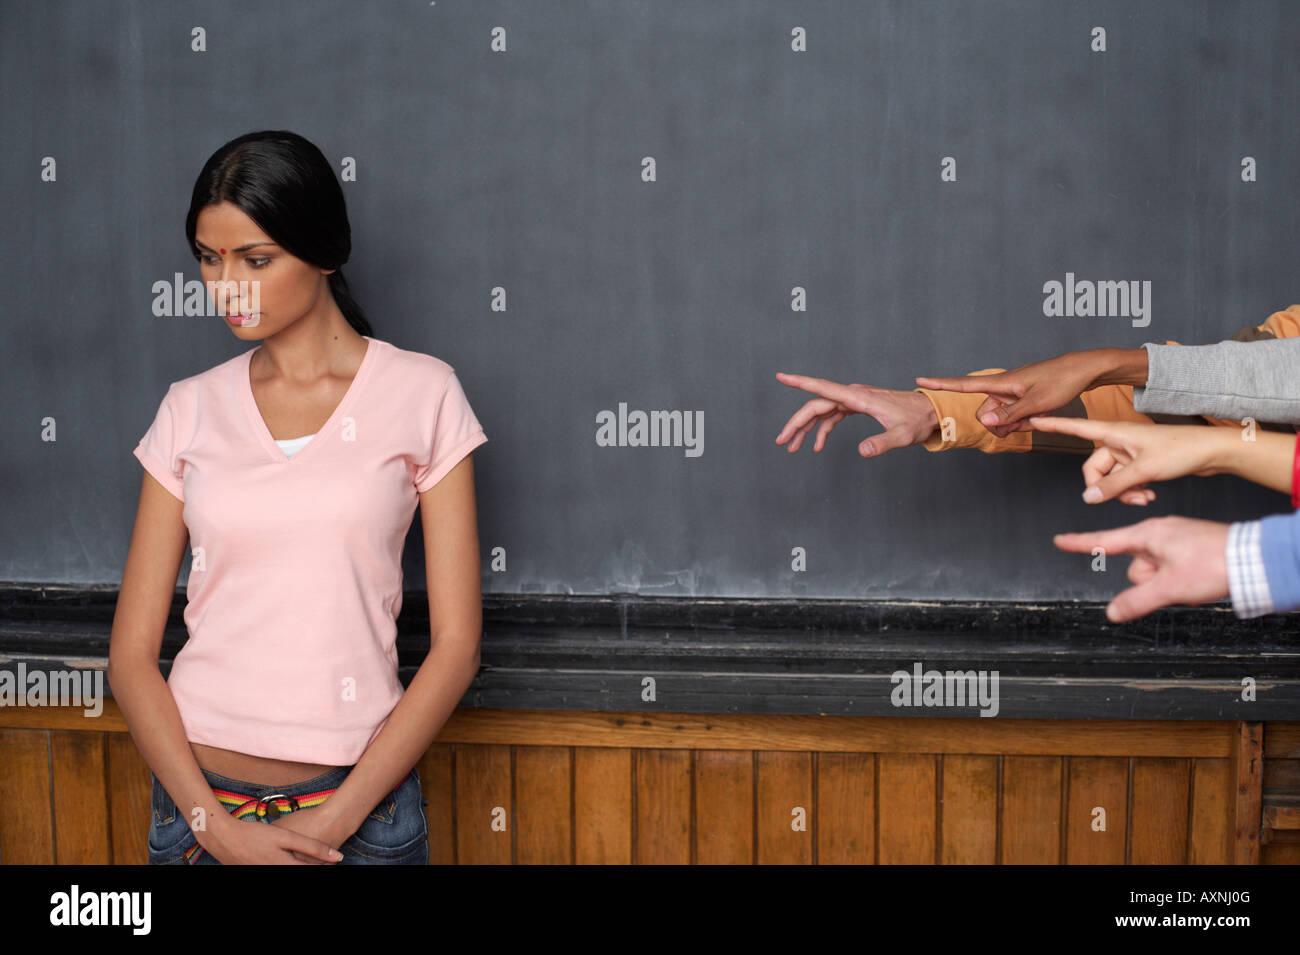 Quattro mani puntando verso un Indiano giovane donna Immagini Stock